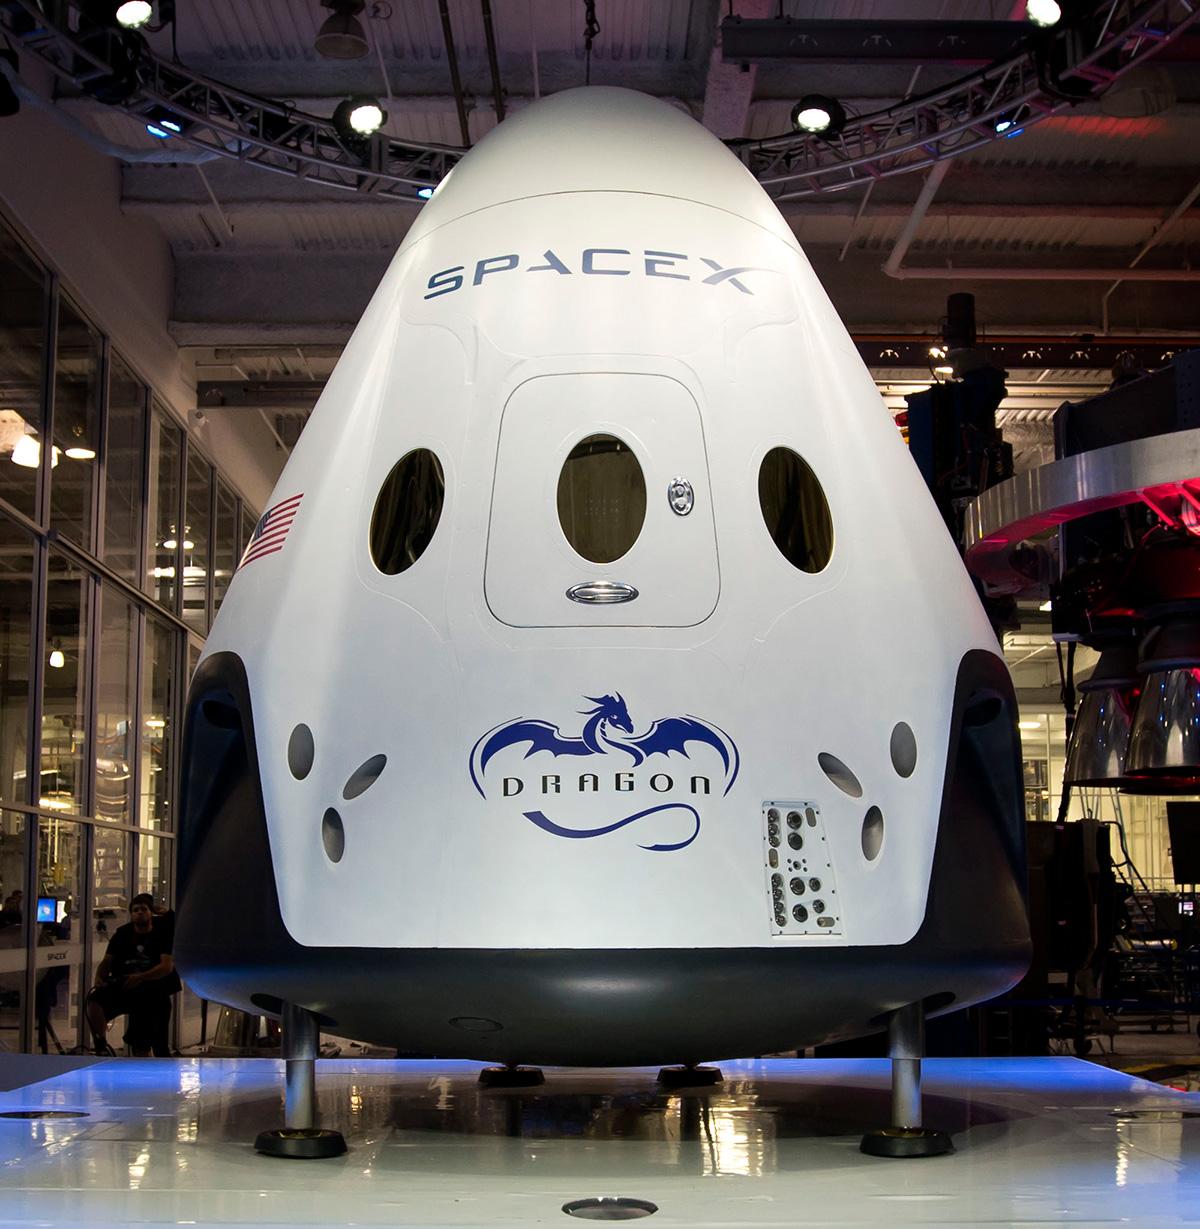 Полет Crew Dragon без экипажа к МКС состоится в начале следующего года